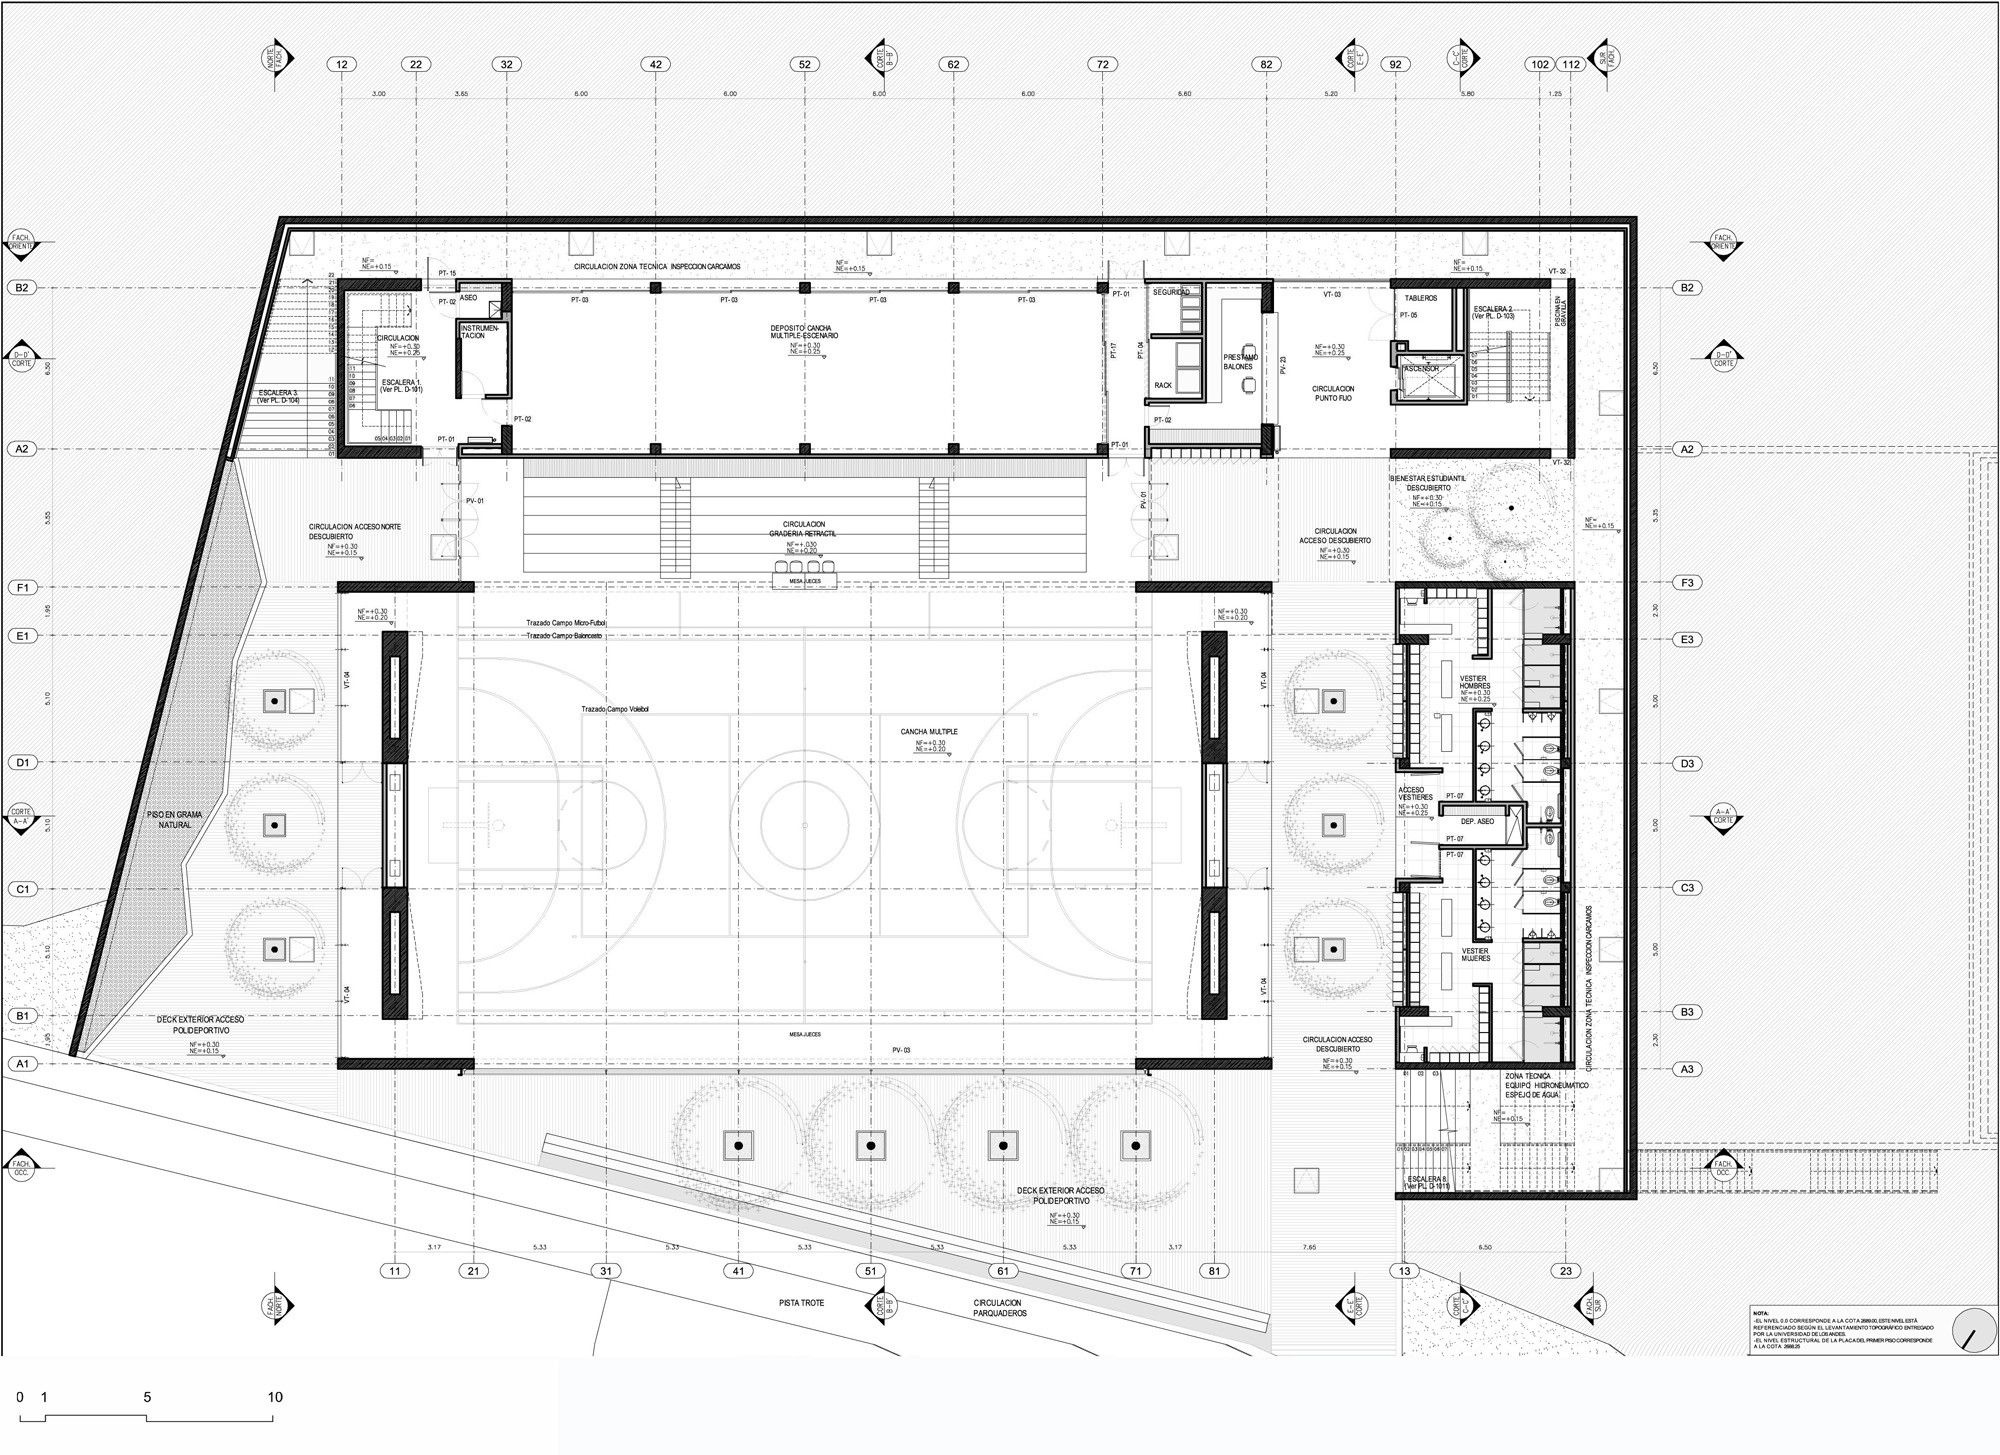 Gallery Of Universidad De Los Andes Sport Facilities Mgp Arquitectura Y Urbanismo 22